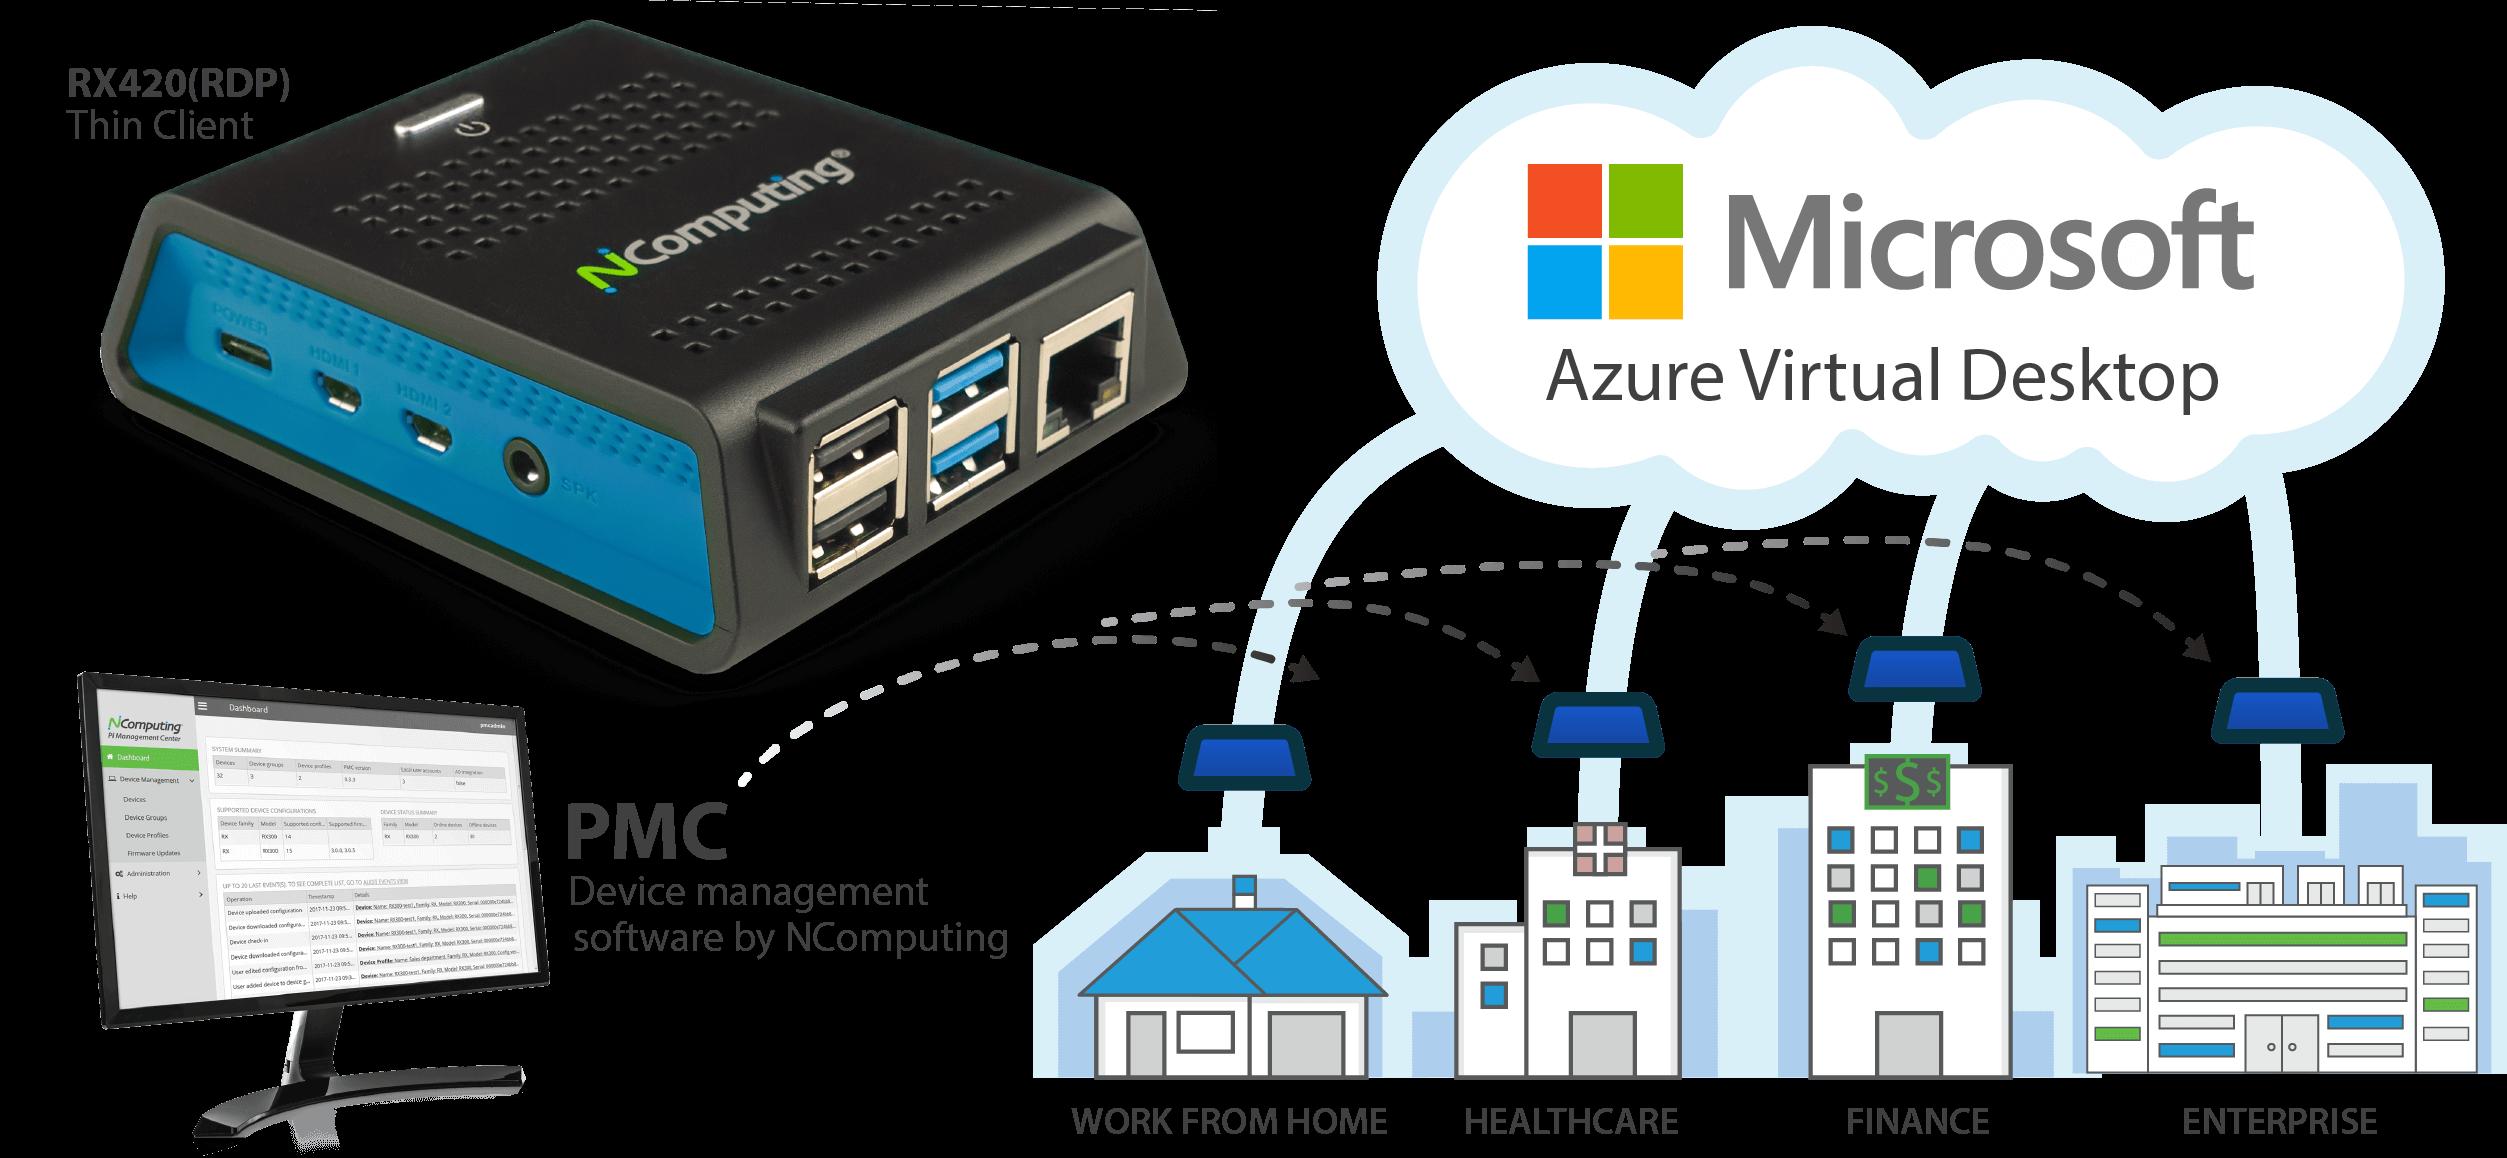 RX420(RDP)经验证的微软 AZURE 虚拟桌面 (AVD) 解决方案